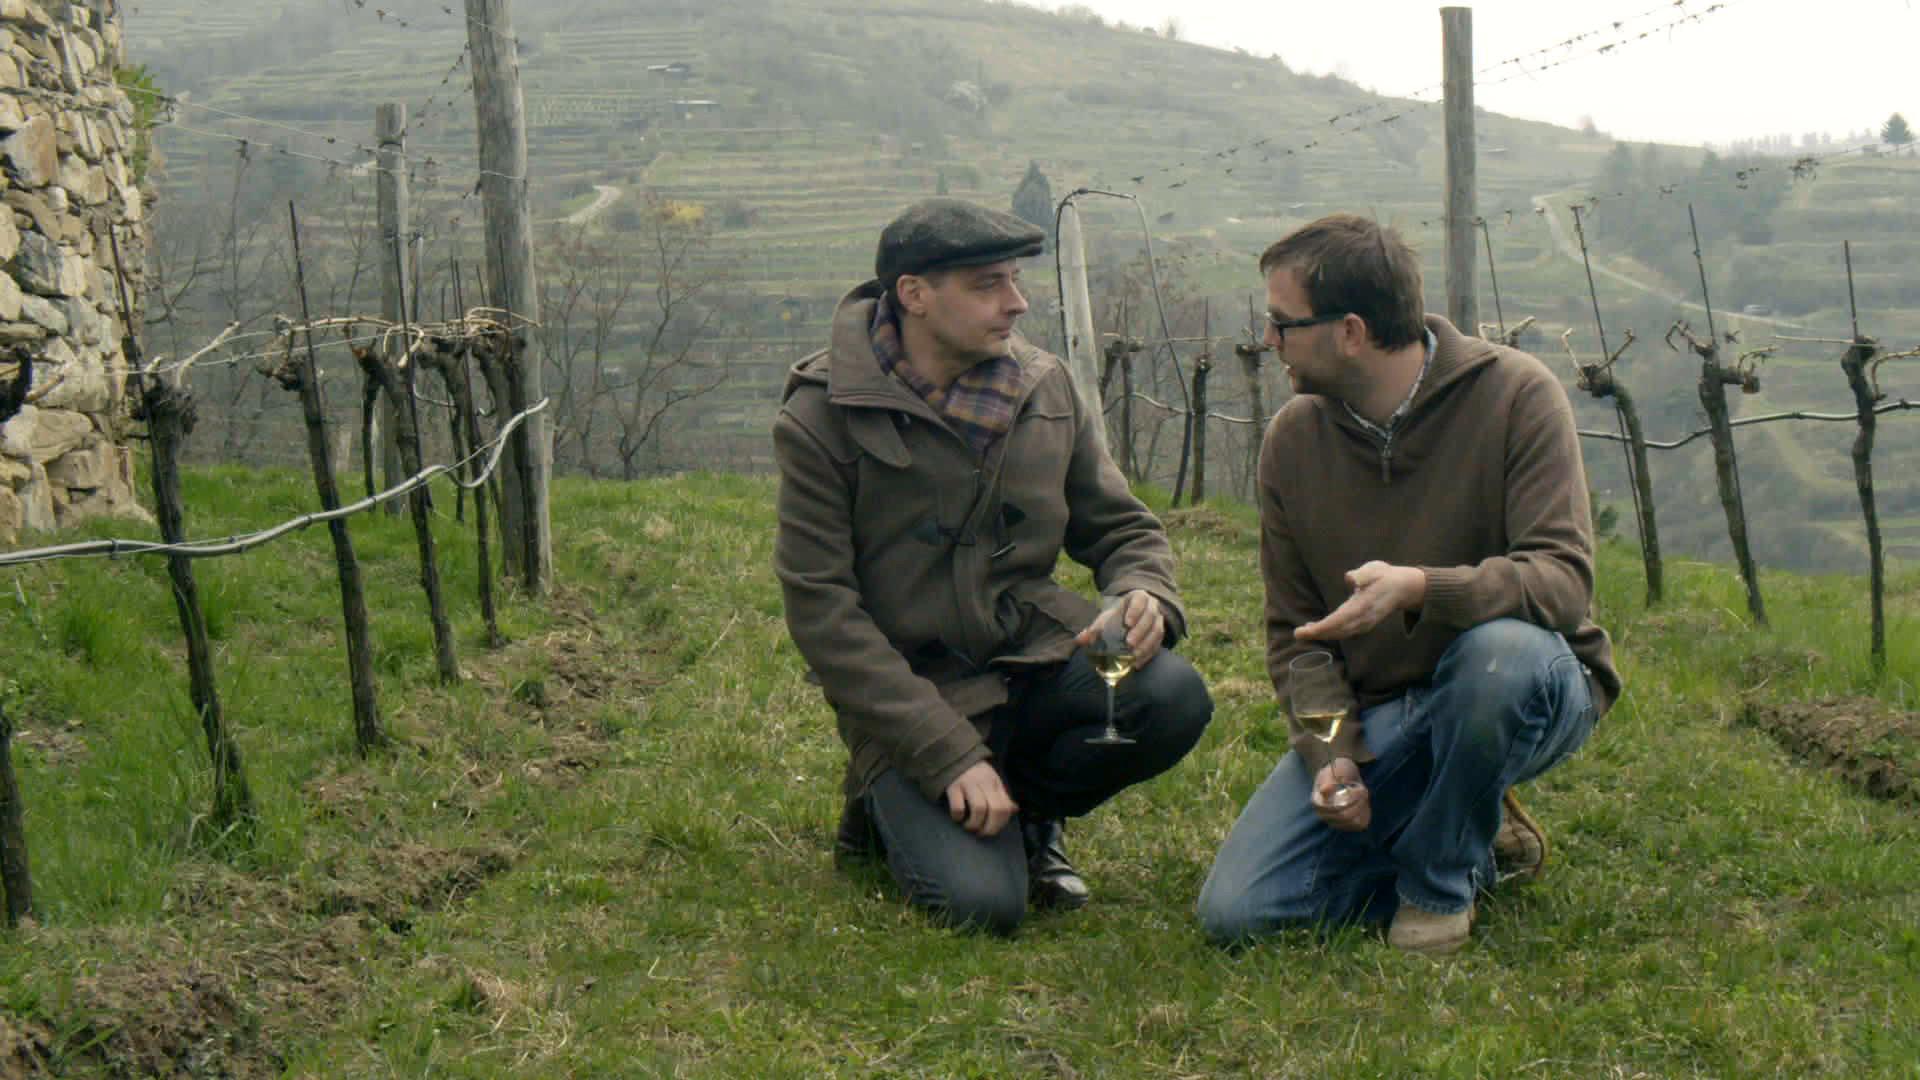 Nicolaus_Saahs_und_Thomas_Maurer_Warum_Wein_BIO_01 -Clever-Contents-Filmproduktion